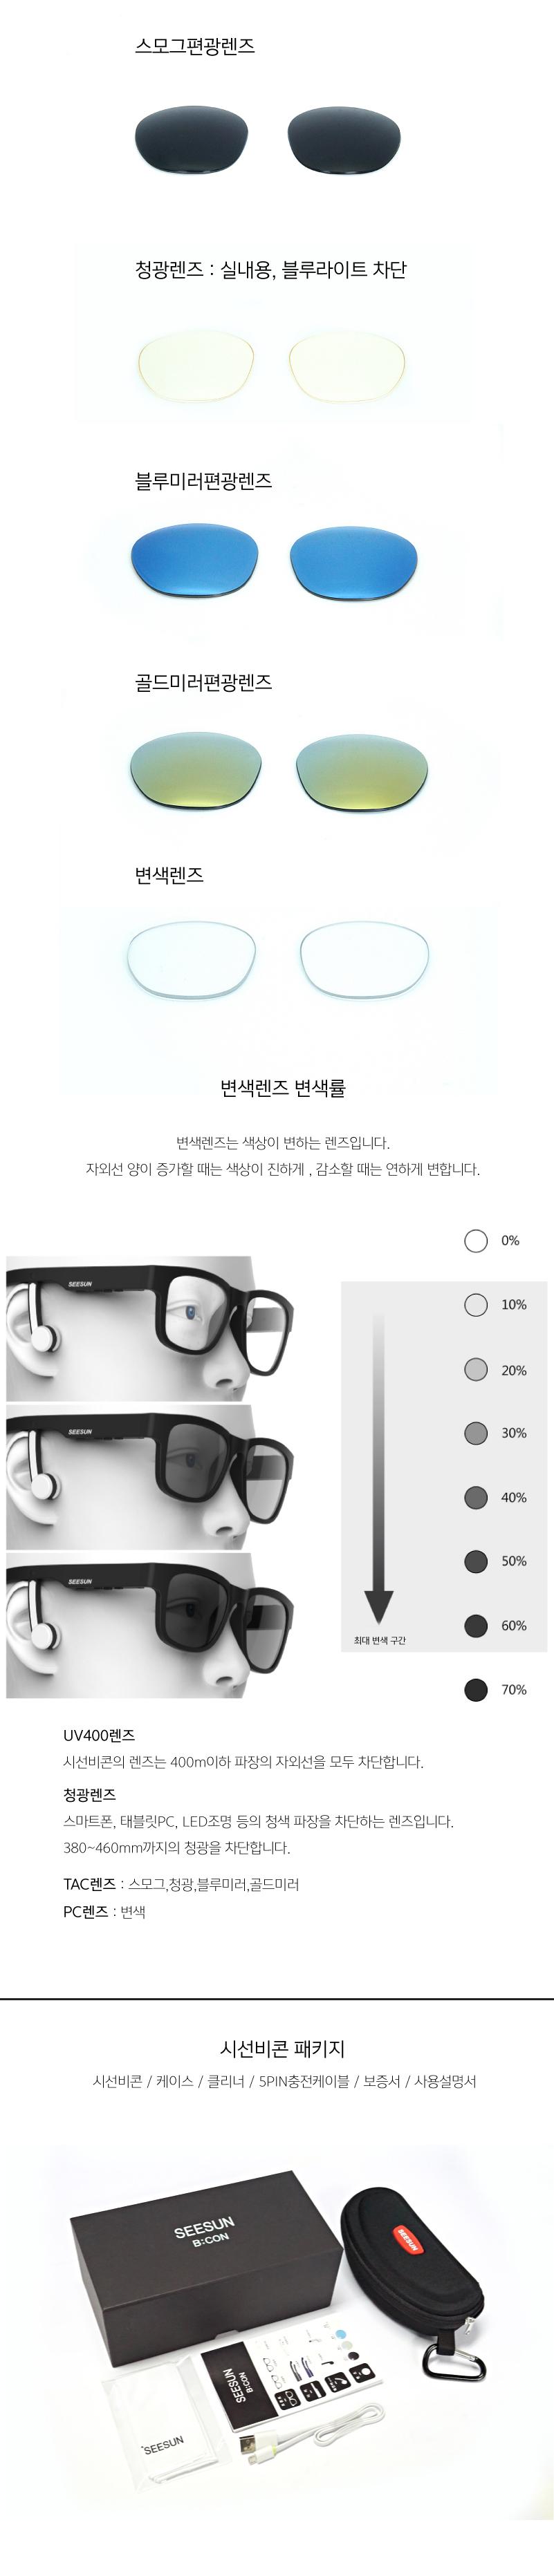 시선 BCON-10 블루투스 골전도 스마트 선글라스 미러편광렌즈 MADE IN KOREA